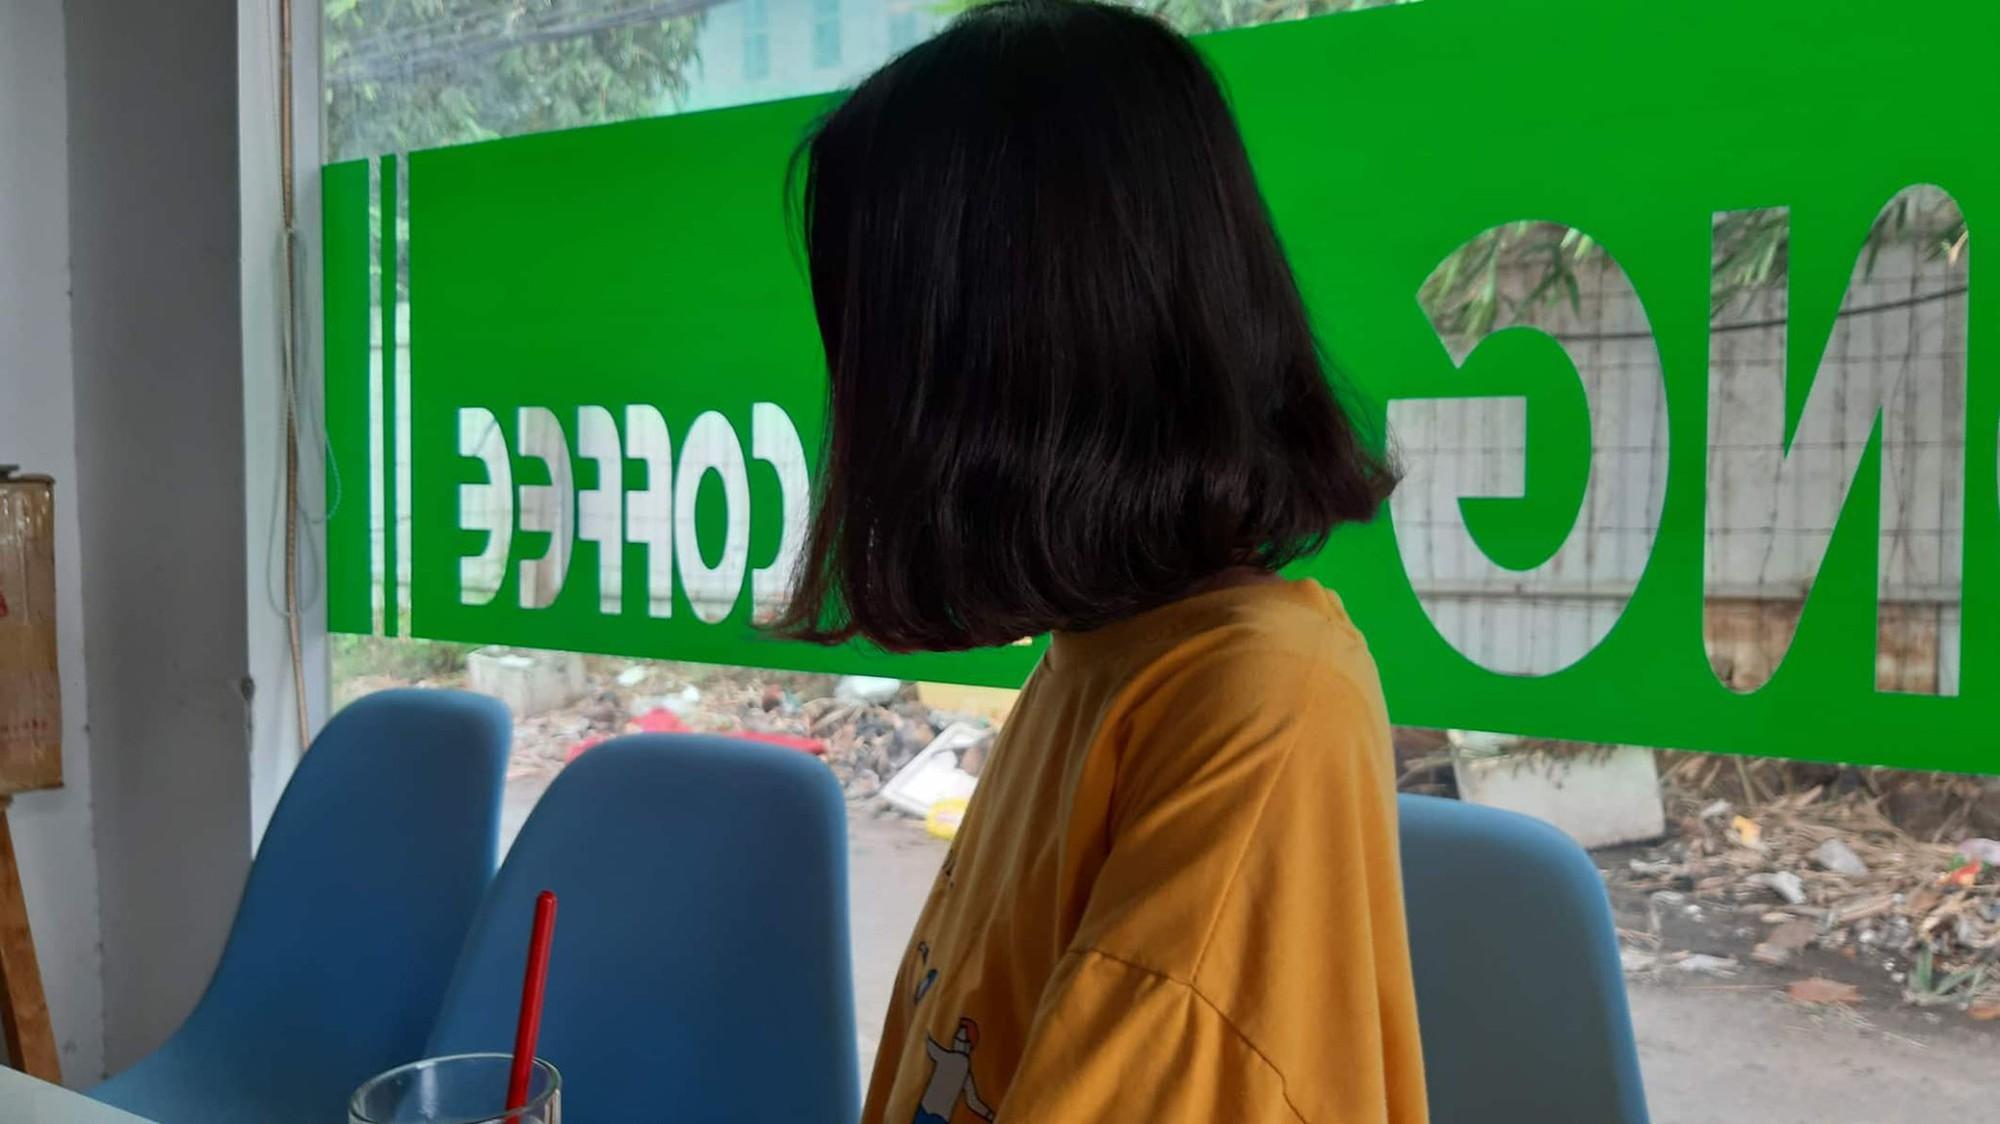 """Nữ sinh kể lại toàn bộ hành vi biến thái trong đêm của gã phụ xe Phương Trang: """"Em sợ lắm, hắn ta hành động rất tinh vi"""" - Ảnh 1."""